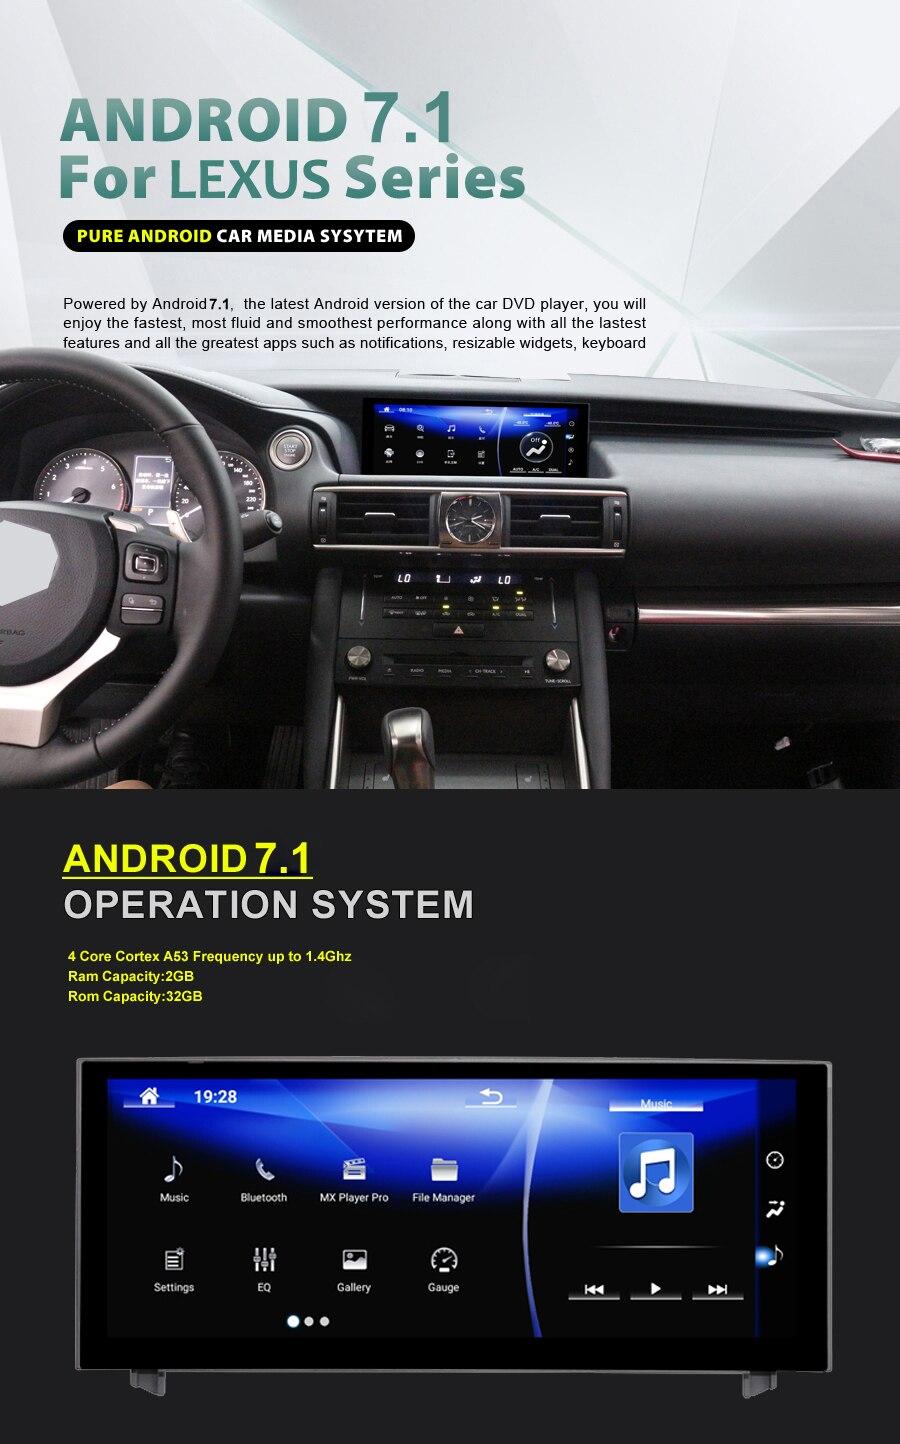 10.25 polegada NAVIRIDER Android 7.1 Rádio Do Carro de Navegação GPS BT Cabeça Tela Da Unidade para Lexus Is 200 250 300 350 200 t 300 h 2013-2017